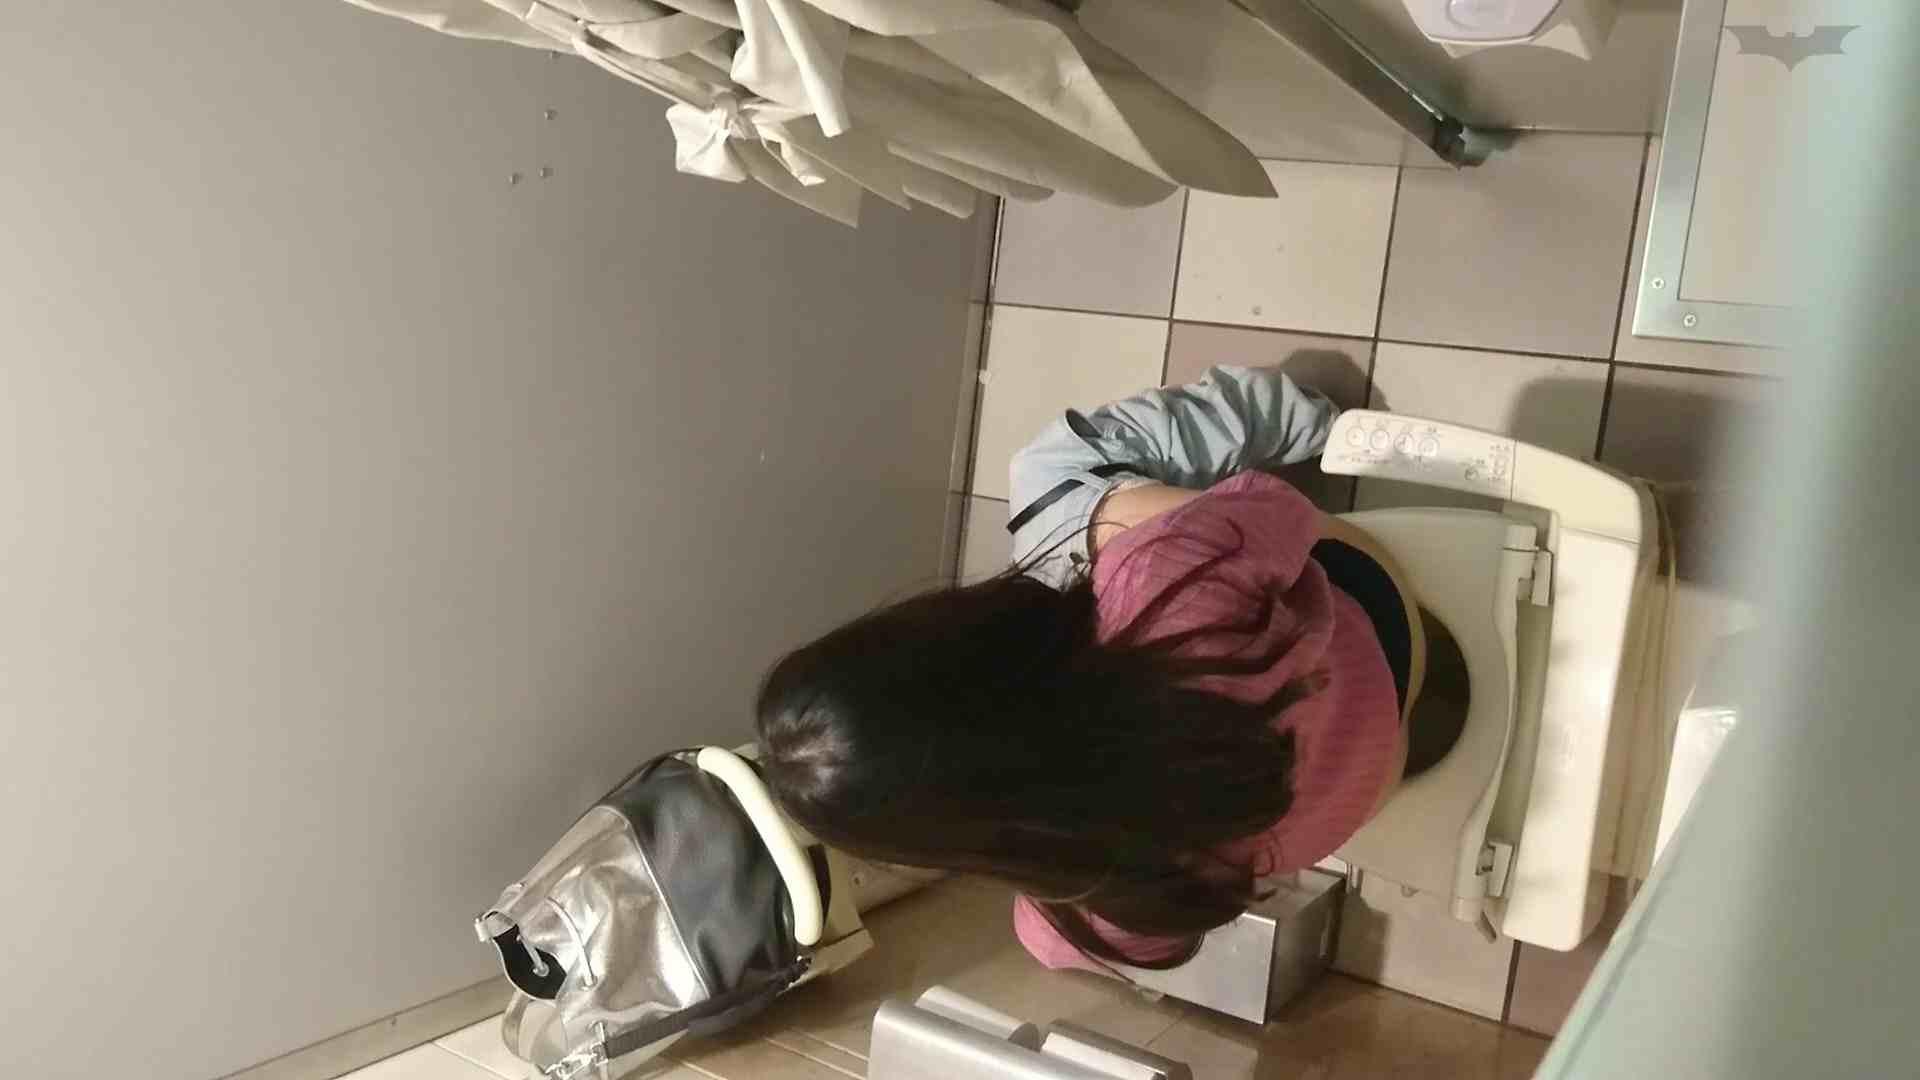 化粧室絵巻 ショッピングモール編 VOL.20 洗面所シーン おまんこ無修正動画無料 72画像 23